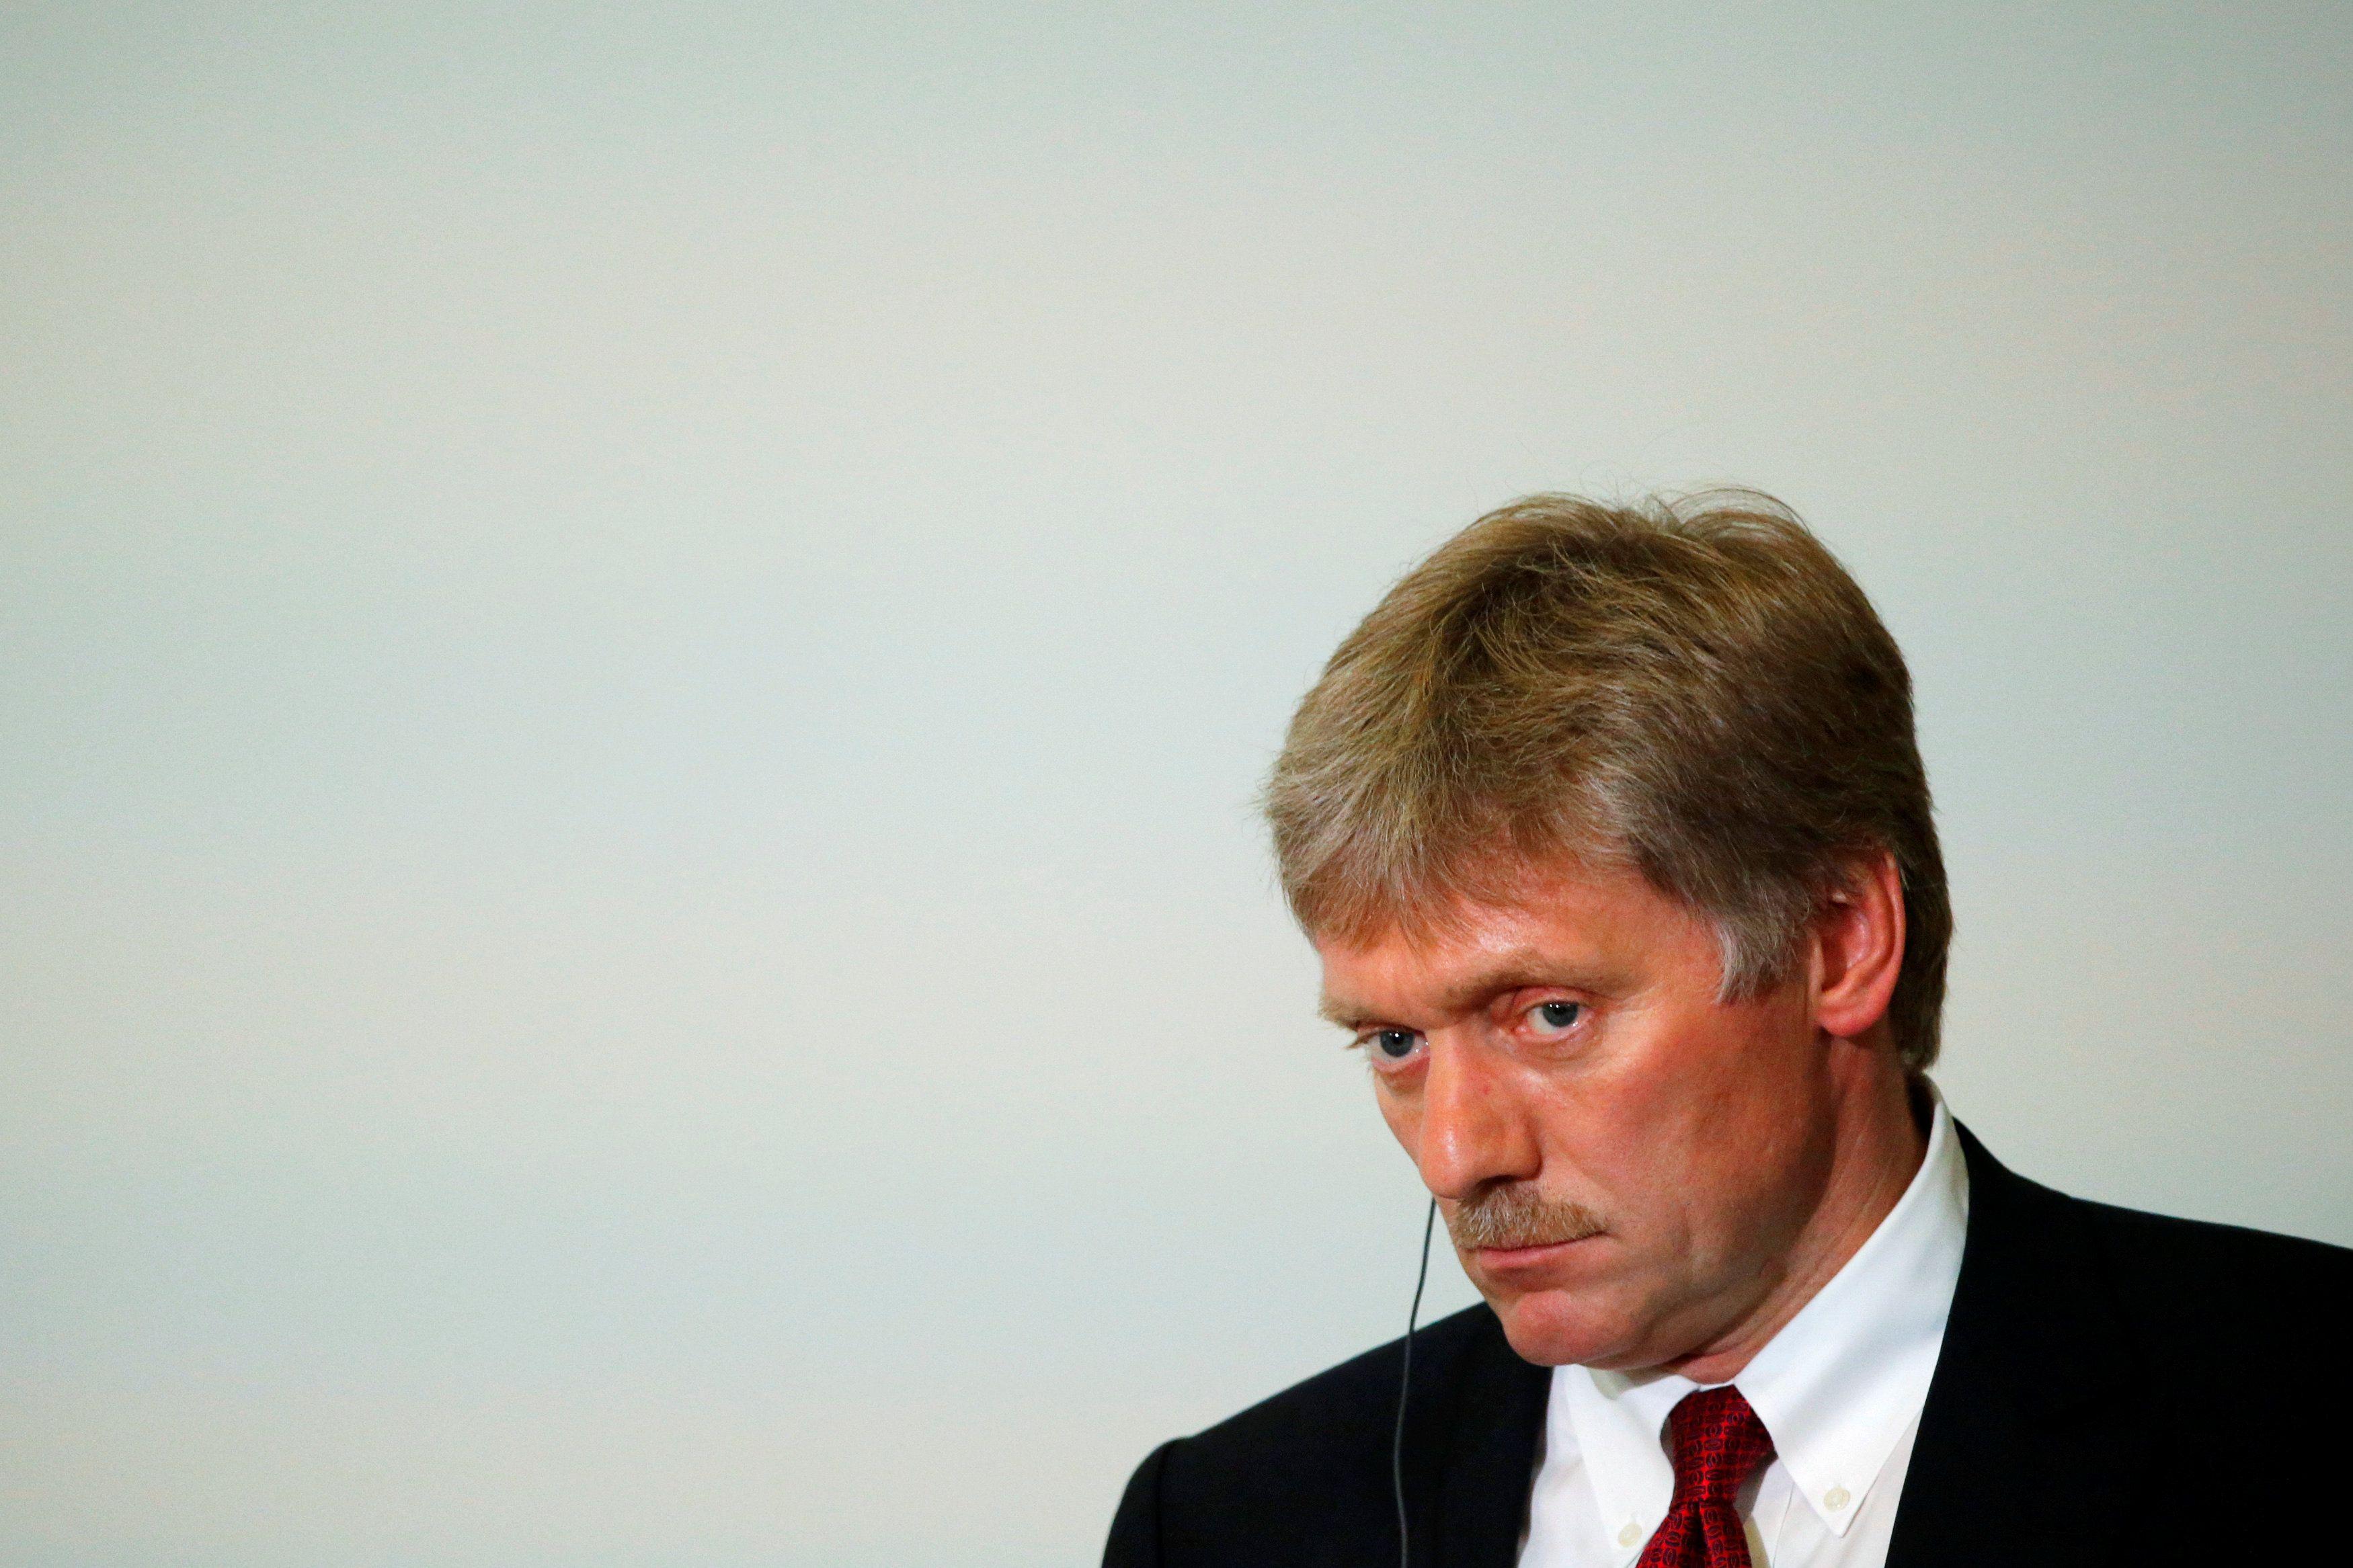 Комментируя призыв Зеленского сохранять санкции против РФ, Песков напомнил про оружие